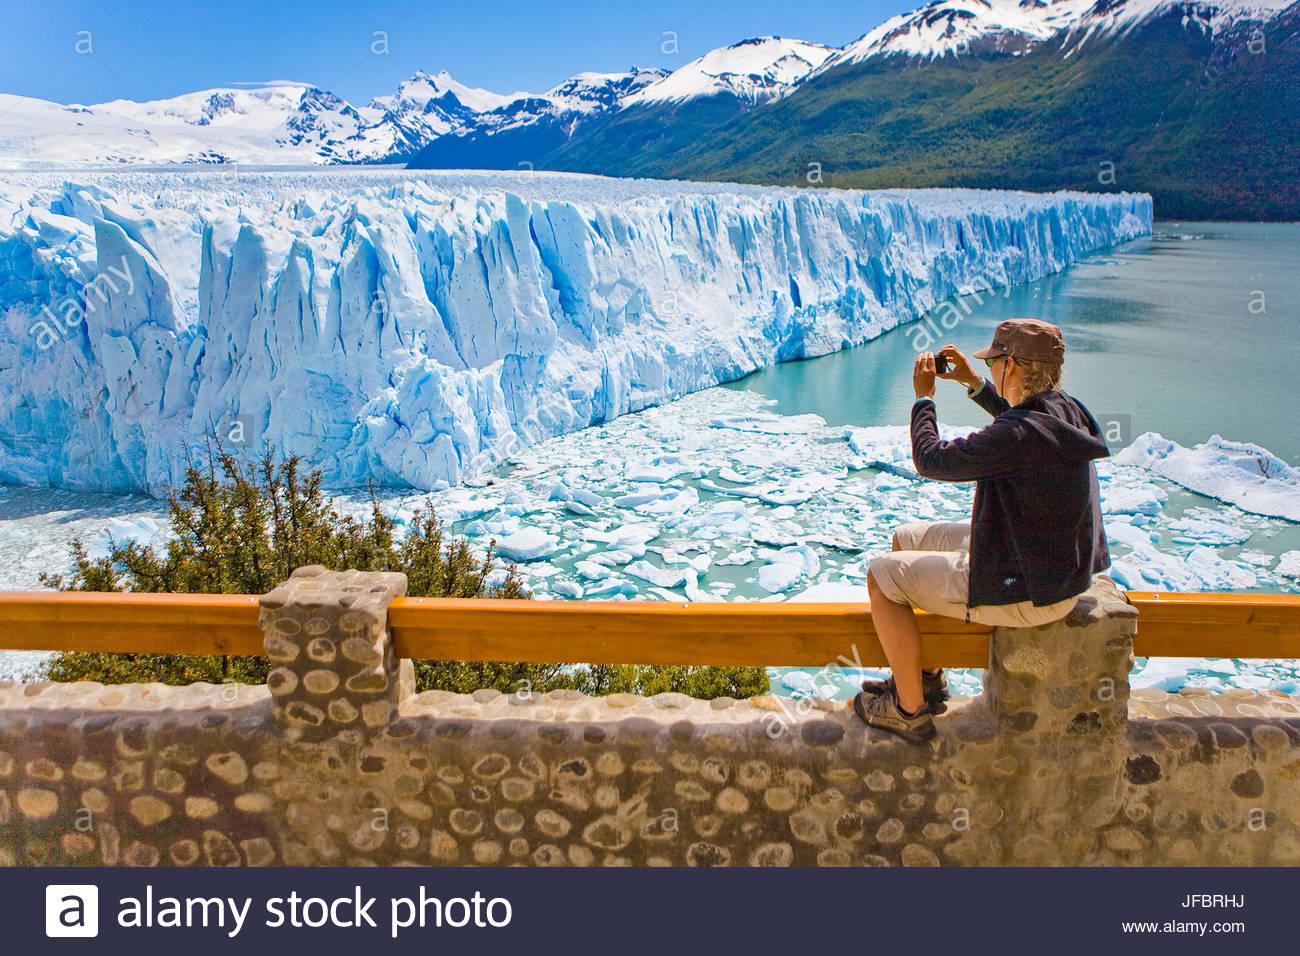 A woman takes a photo of the Perito Moreno glacier in Argentina. - Stock Image